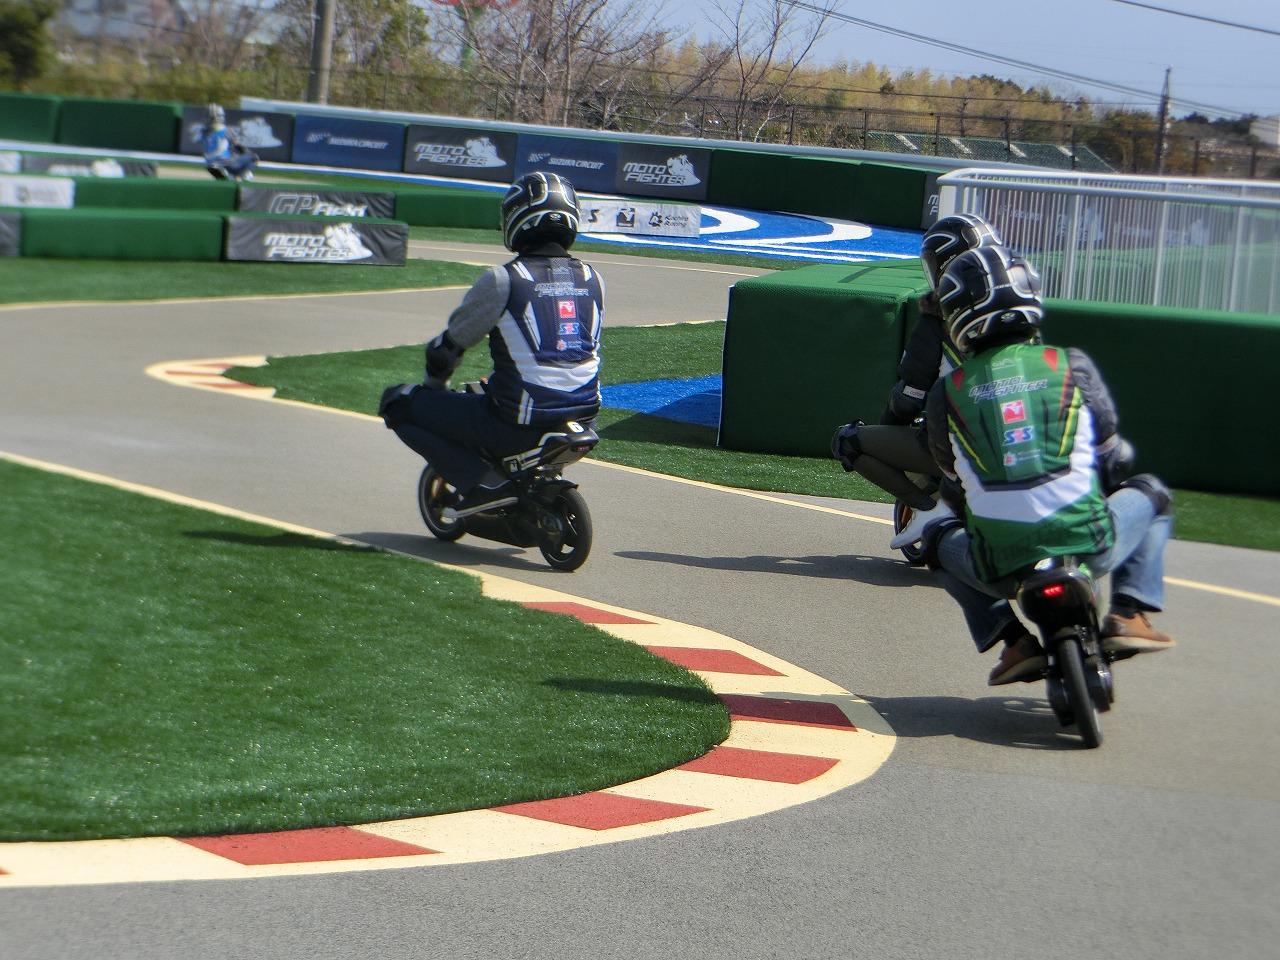 「鈴鹿サーキットに立体オフロードコース!? 親子で楽しめる4つのバイクアトラクションがオープン」の27枚目の画像